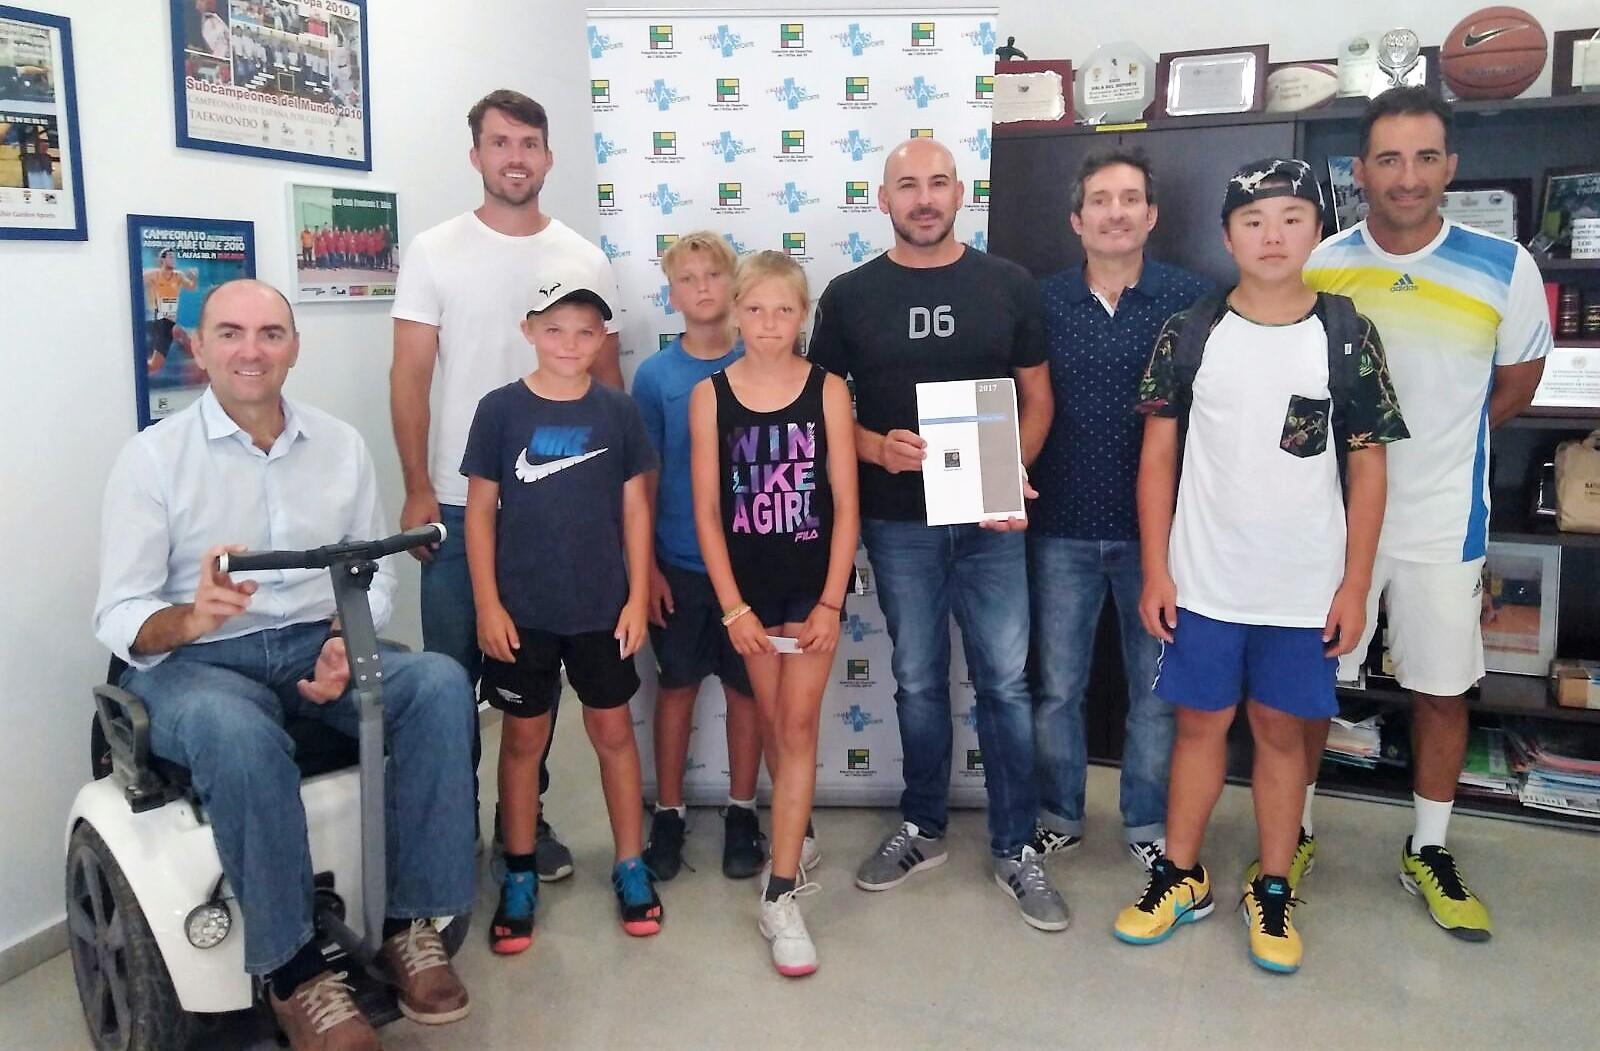 Presentada ante la concejalía la nueva junta directiva del Club de Tenis de l'Alfàs del Pi